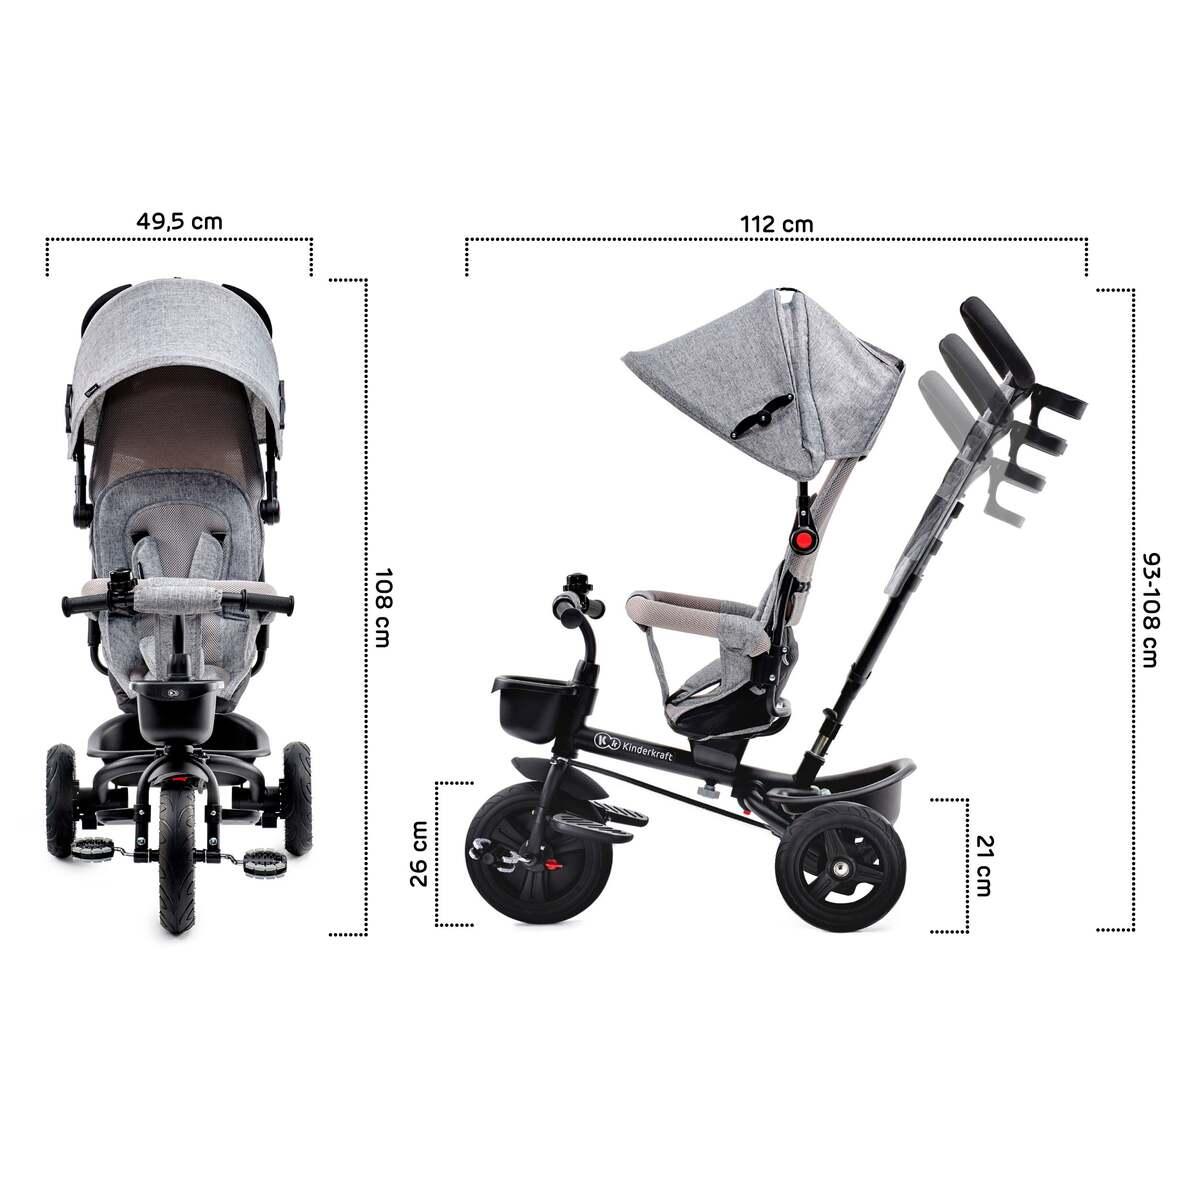 Bild 3 von Kinderkraft AVEO-Dreirad grey